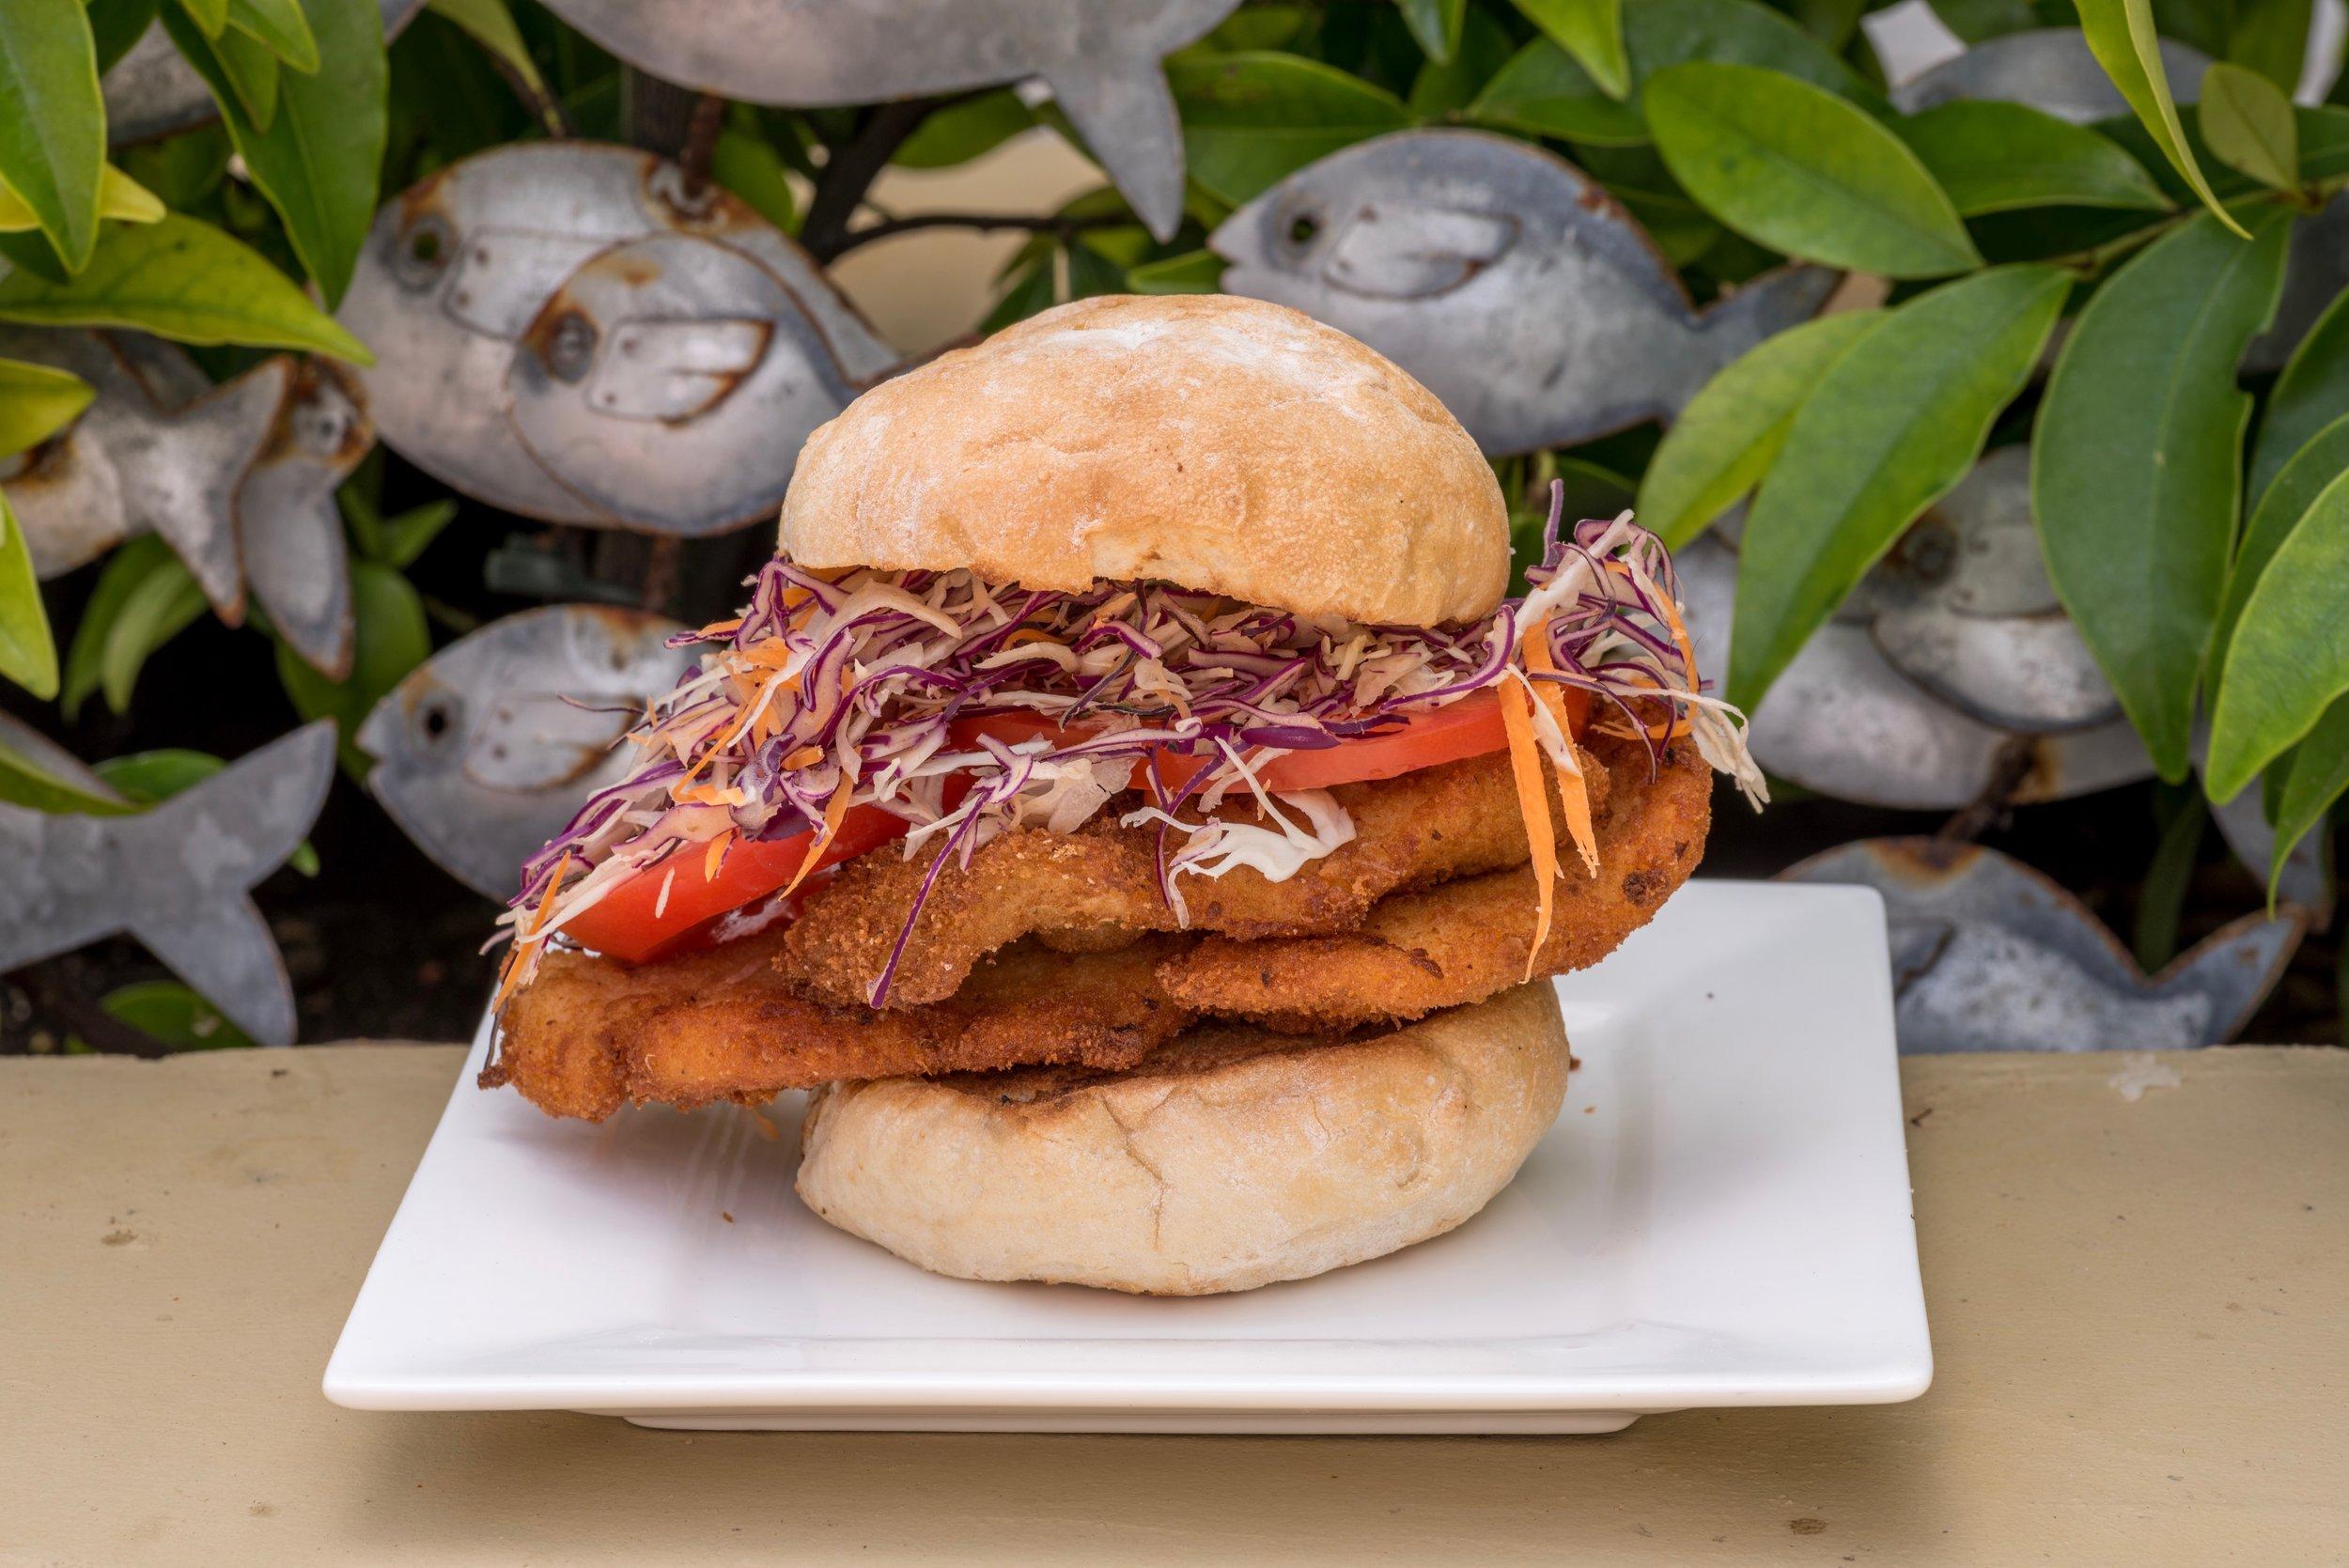 margaretriverburgercofish.jpg